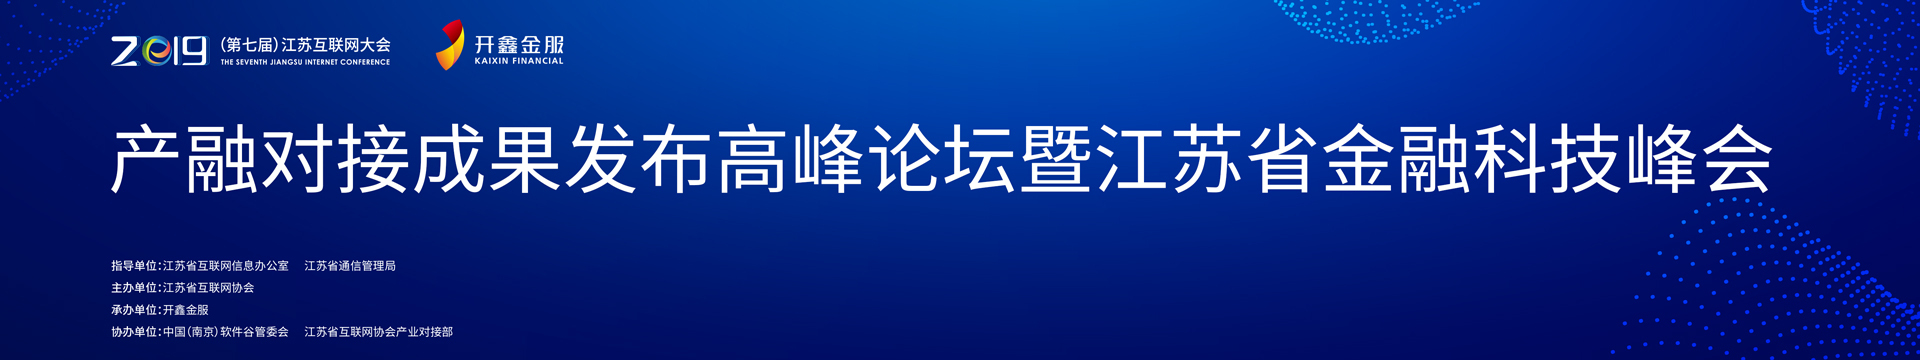 2019(第七届)江苏互联网大会产融对接成果发布高峰论坛暨江苏省金融科技峰会